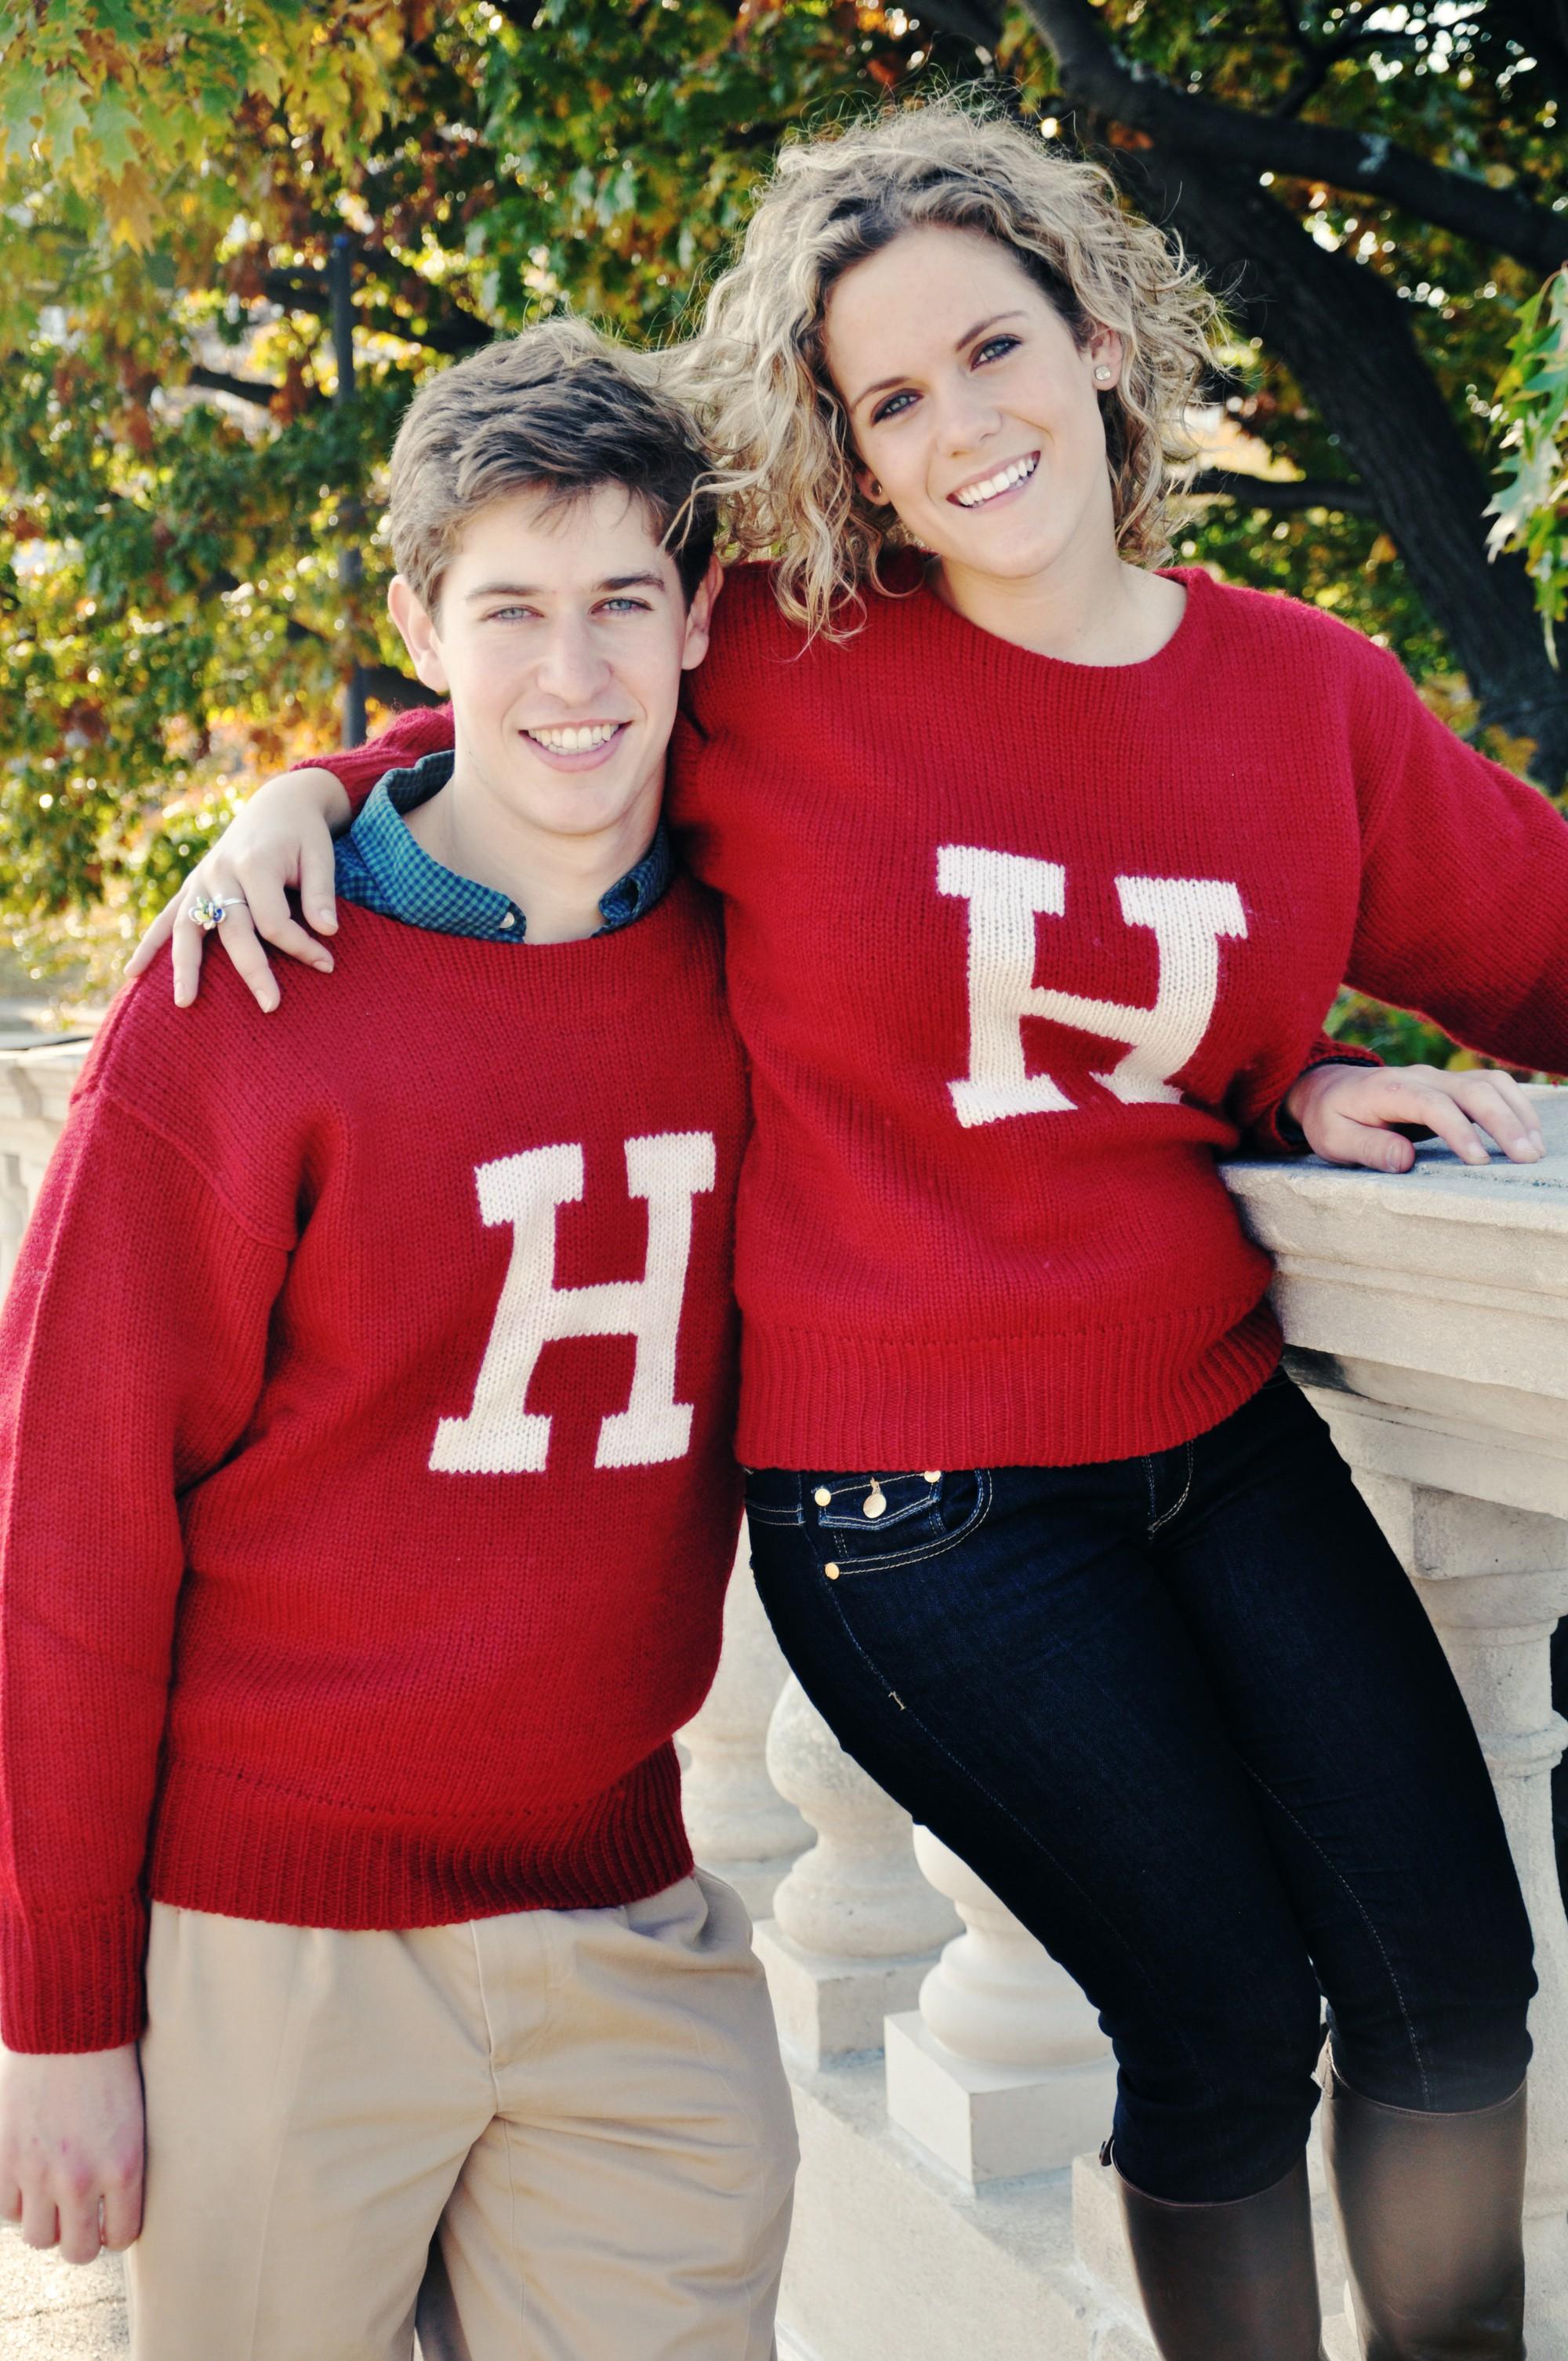 Những niềm tự hào mang tên Harvard - Ngôi trường mơ ước của hàng triệu sinh viên thế giới - Ảnh 5.